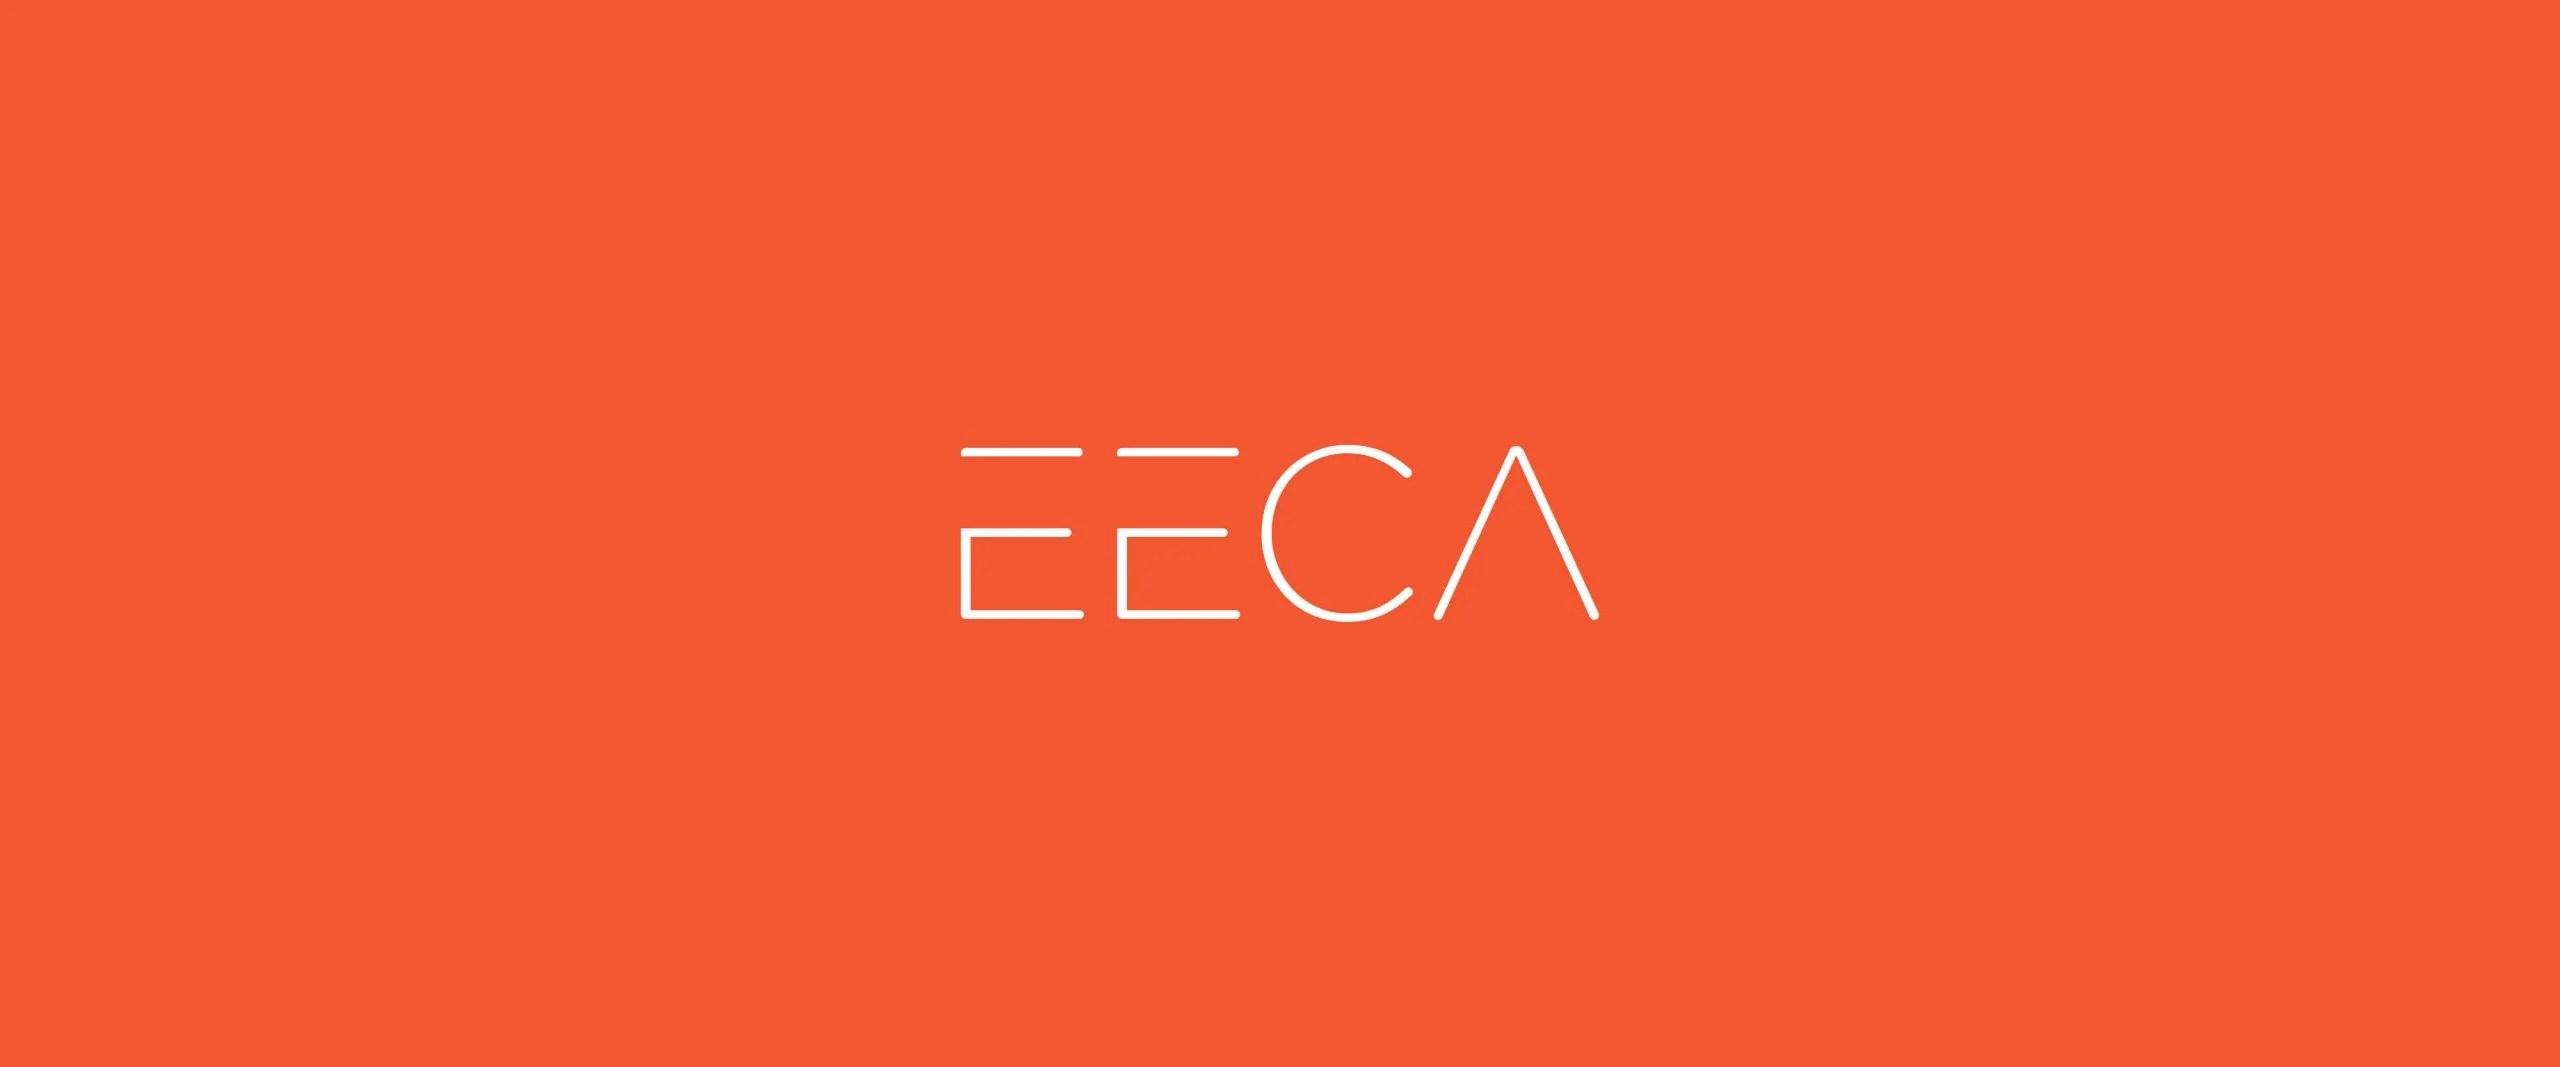 EECA & Gen Less